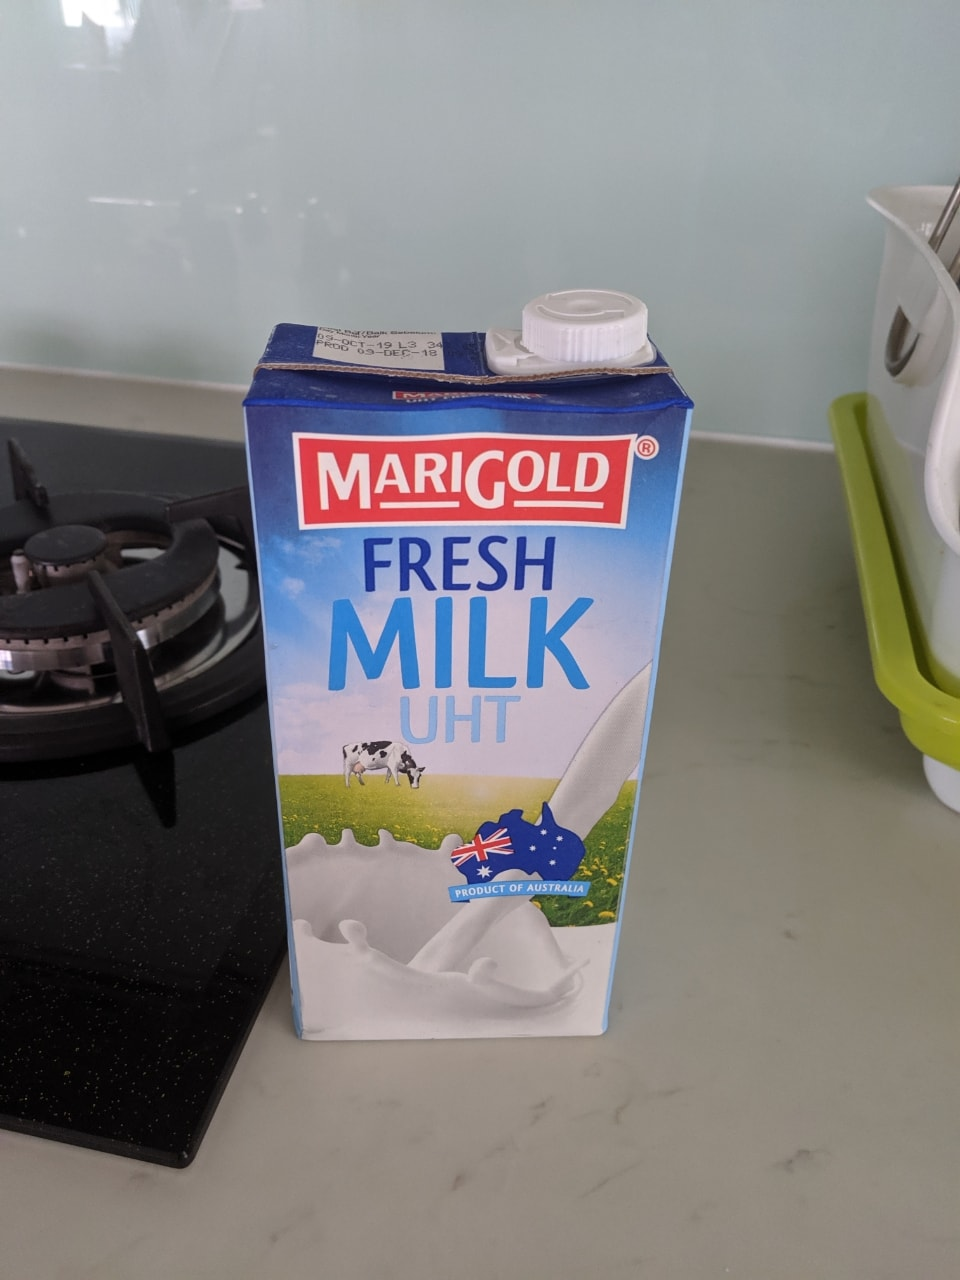 Marigold Fresh Milk UTH 1litre